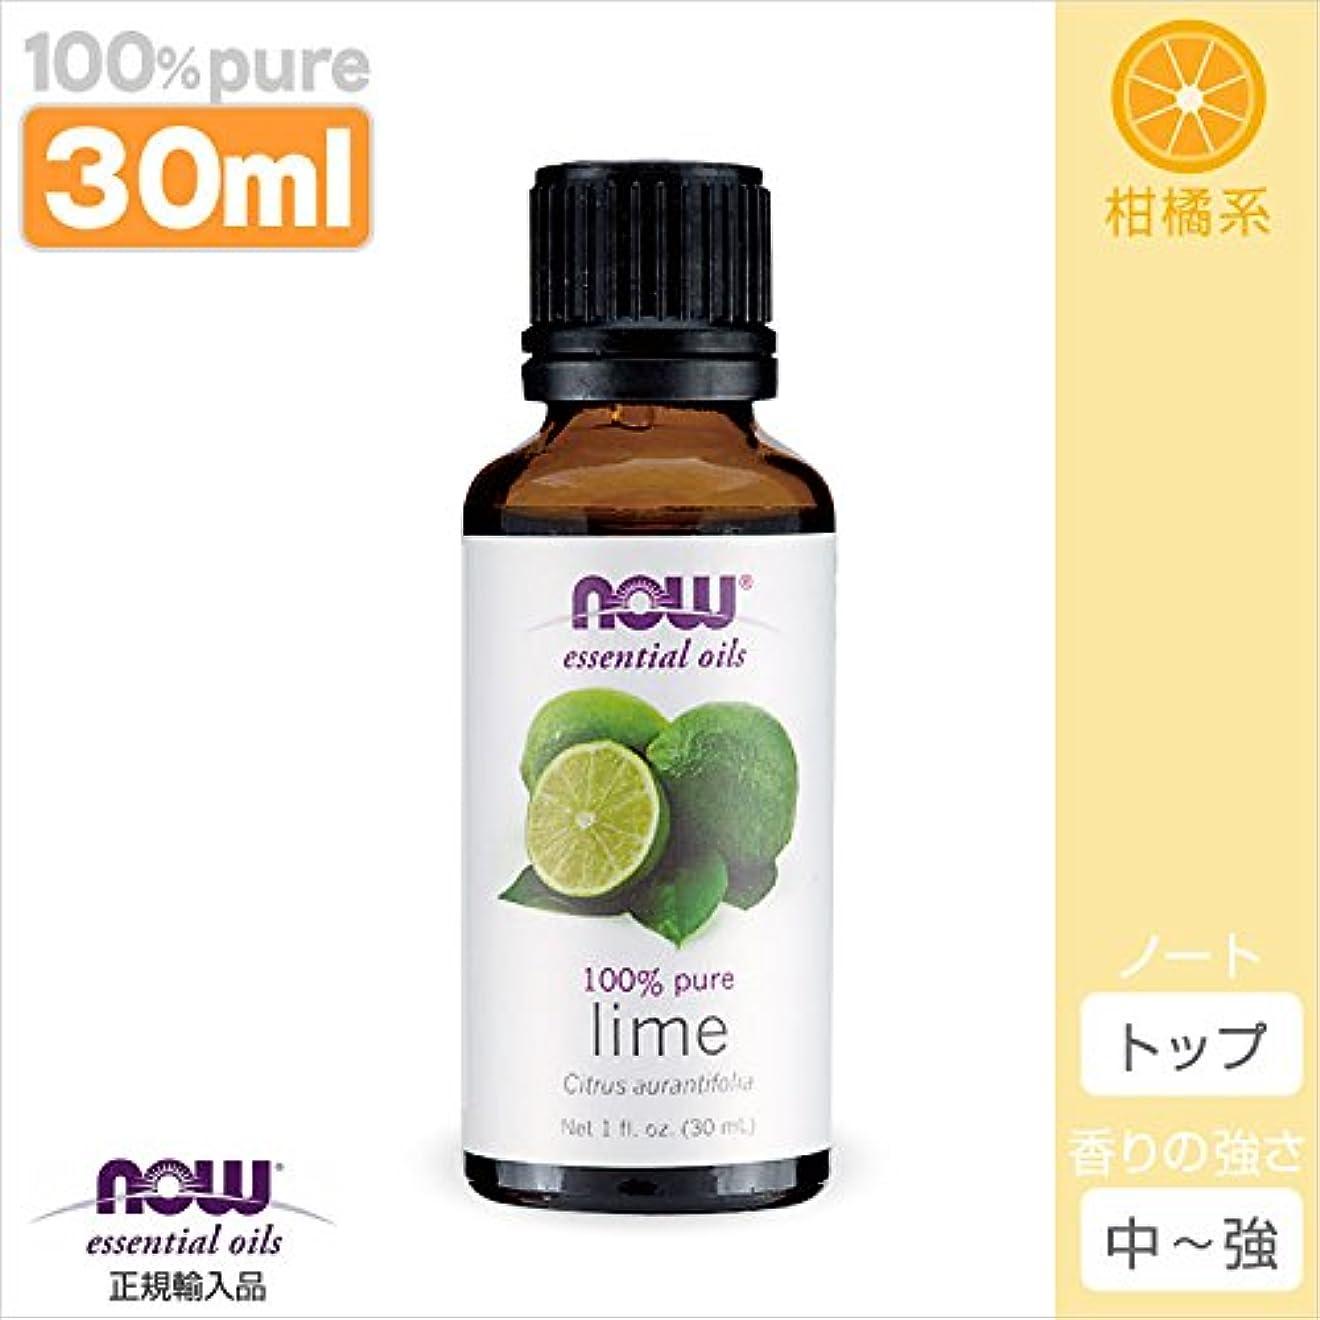 ボイド筋乏しいライム精油[30ml] 【正規輸入品】 NOWエッセンシャルオイル(アロマオイル)